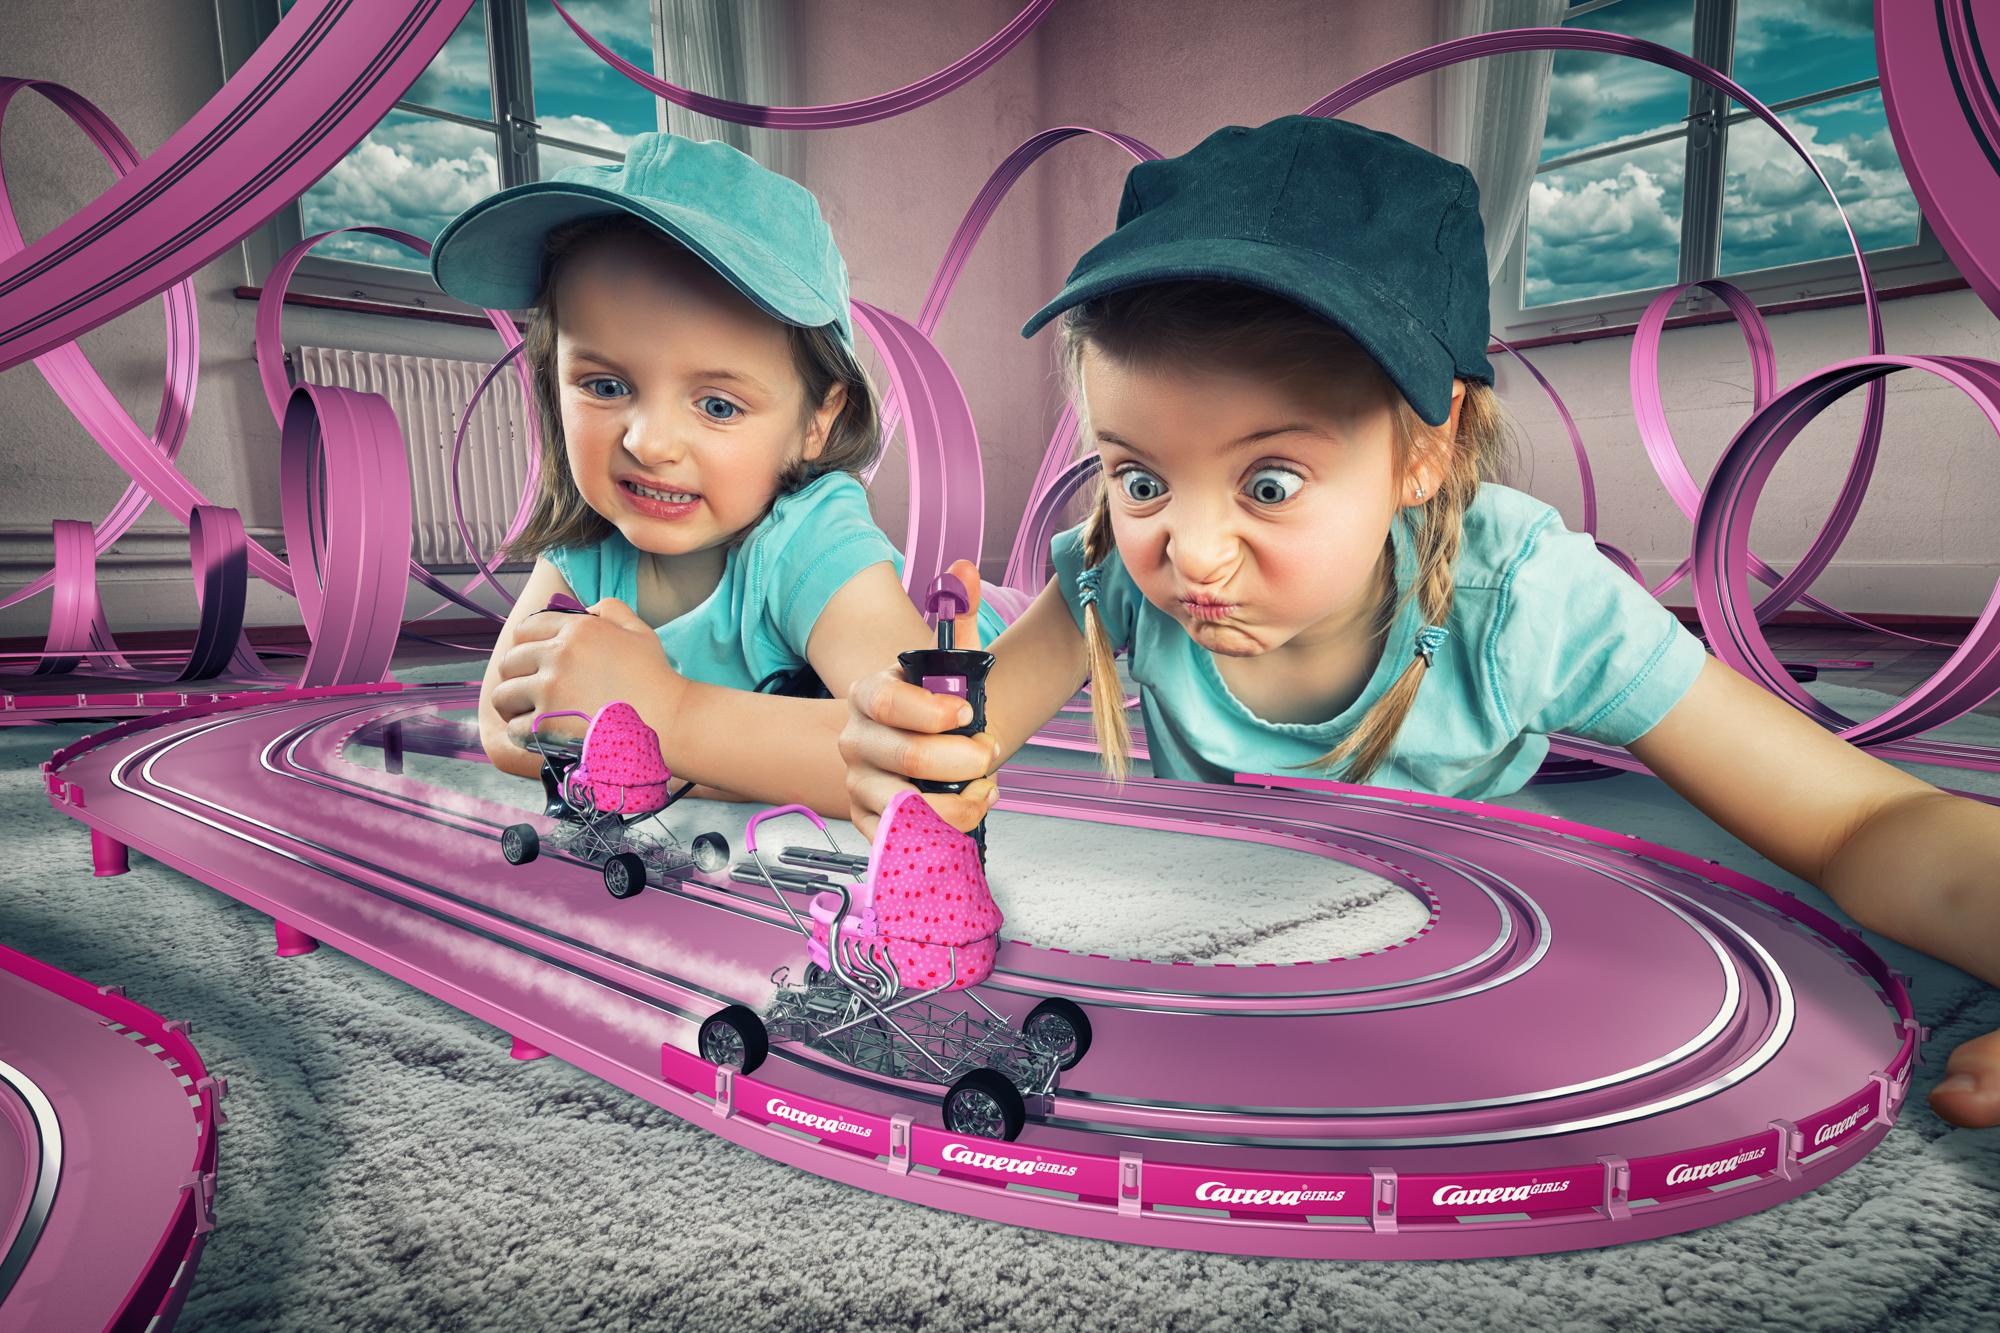 Carrera Girls Special Edition.jpg